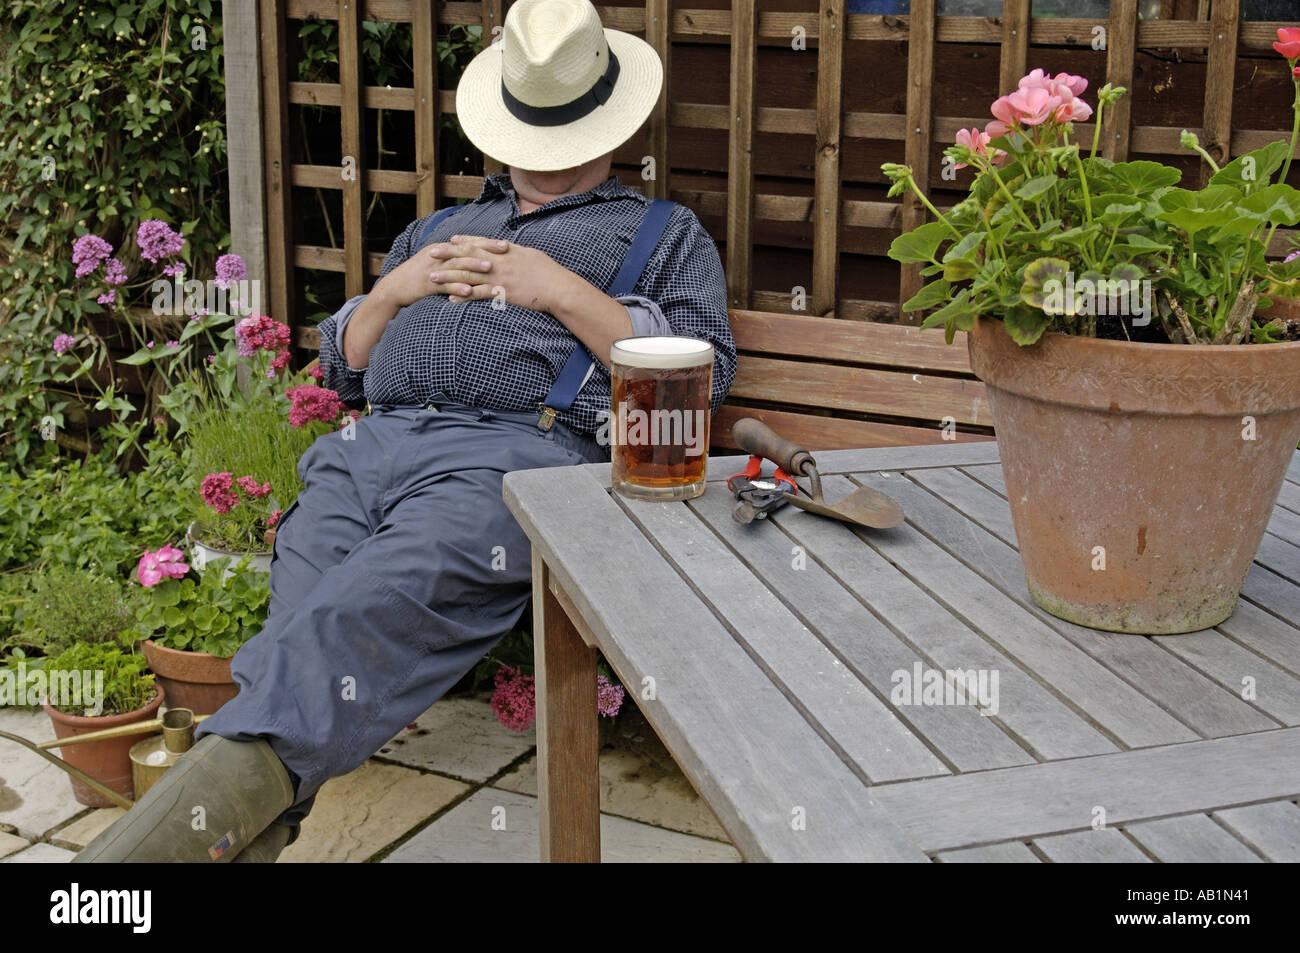 Having a nap in the summer garden 2 - Stock Image